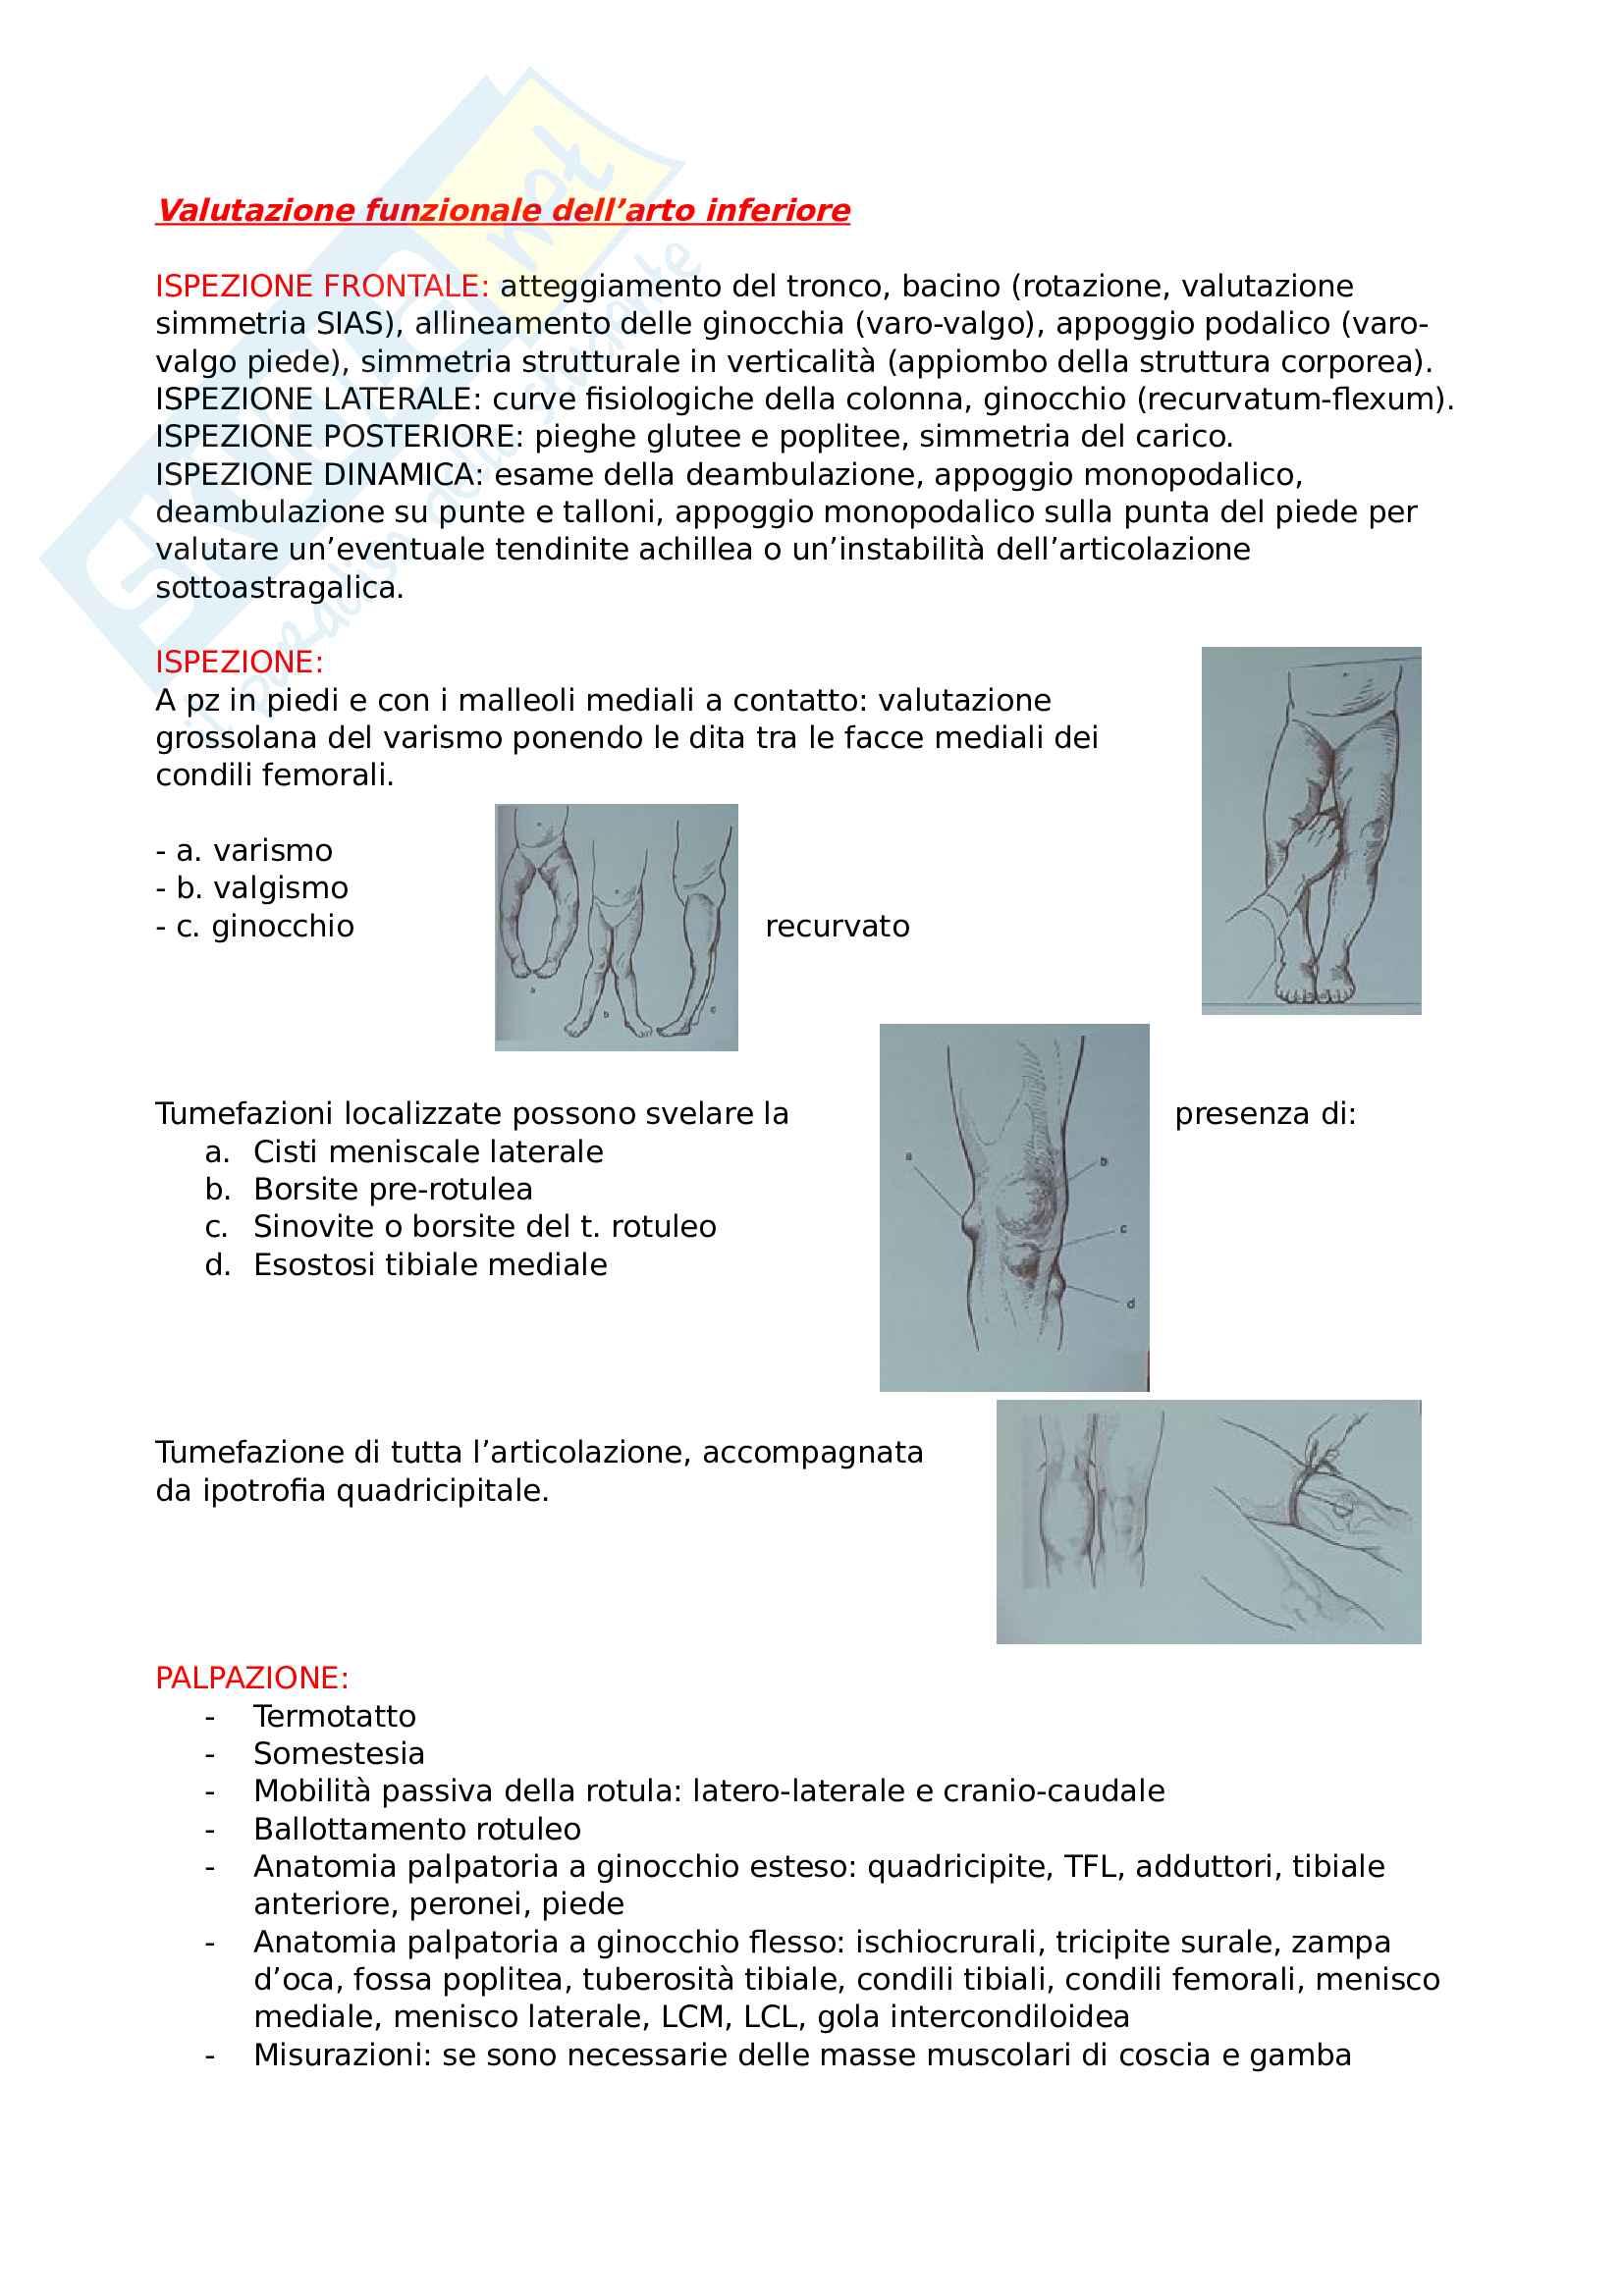 Valutazione funzionale dell'arto inferiore